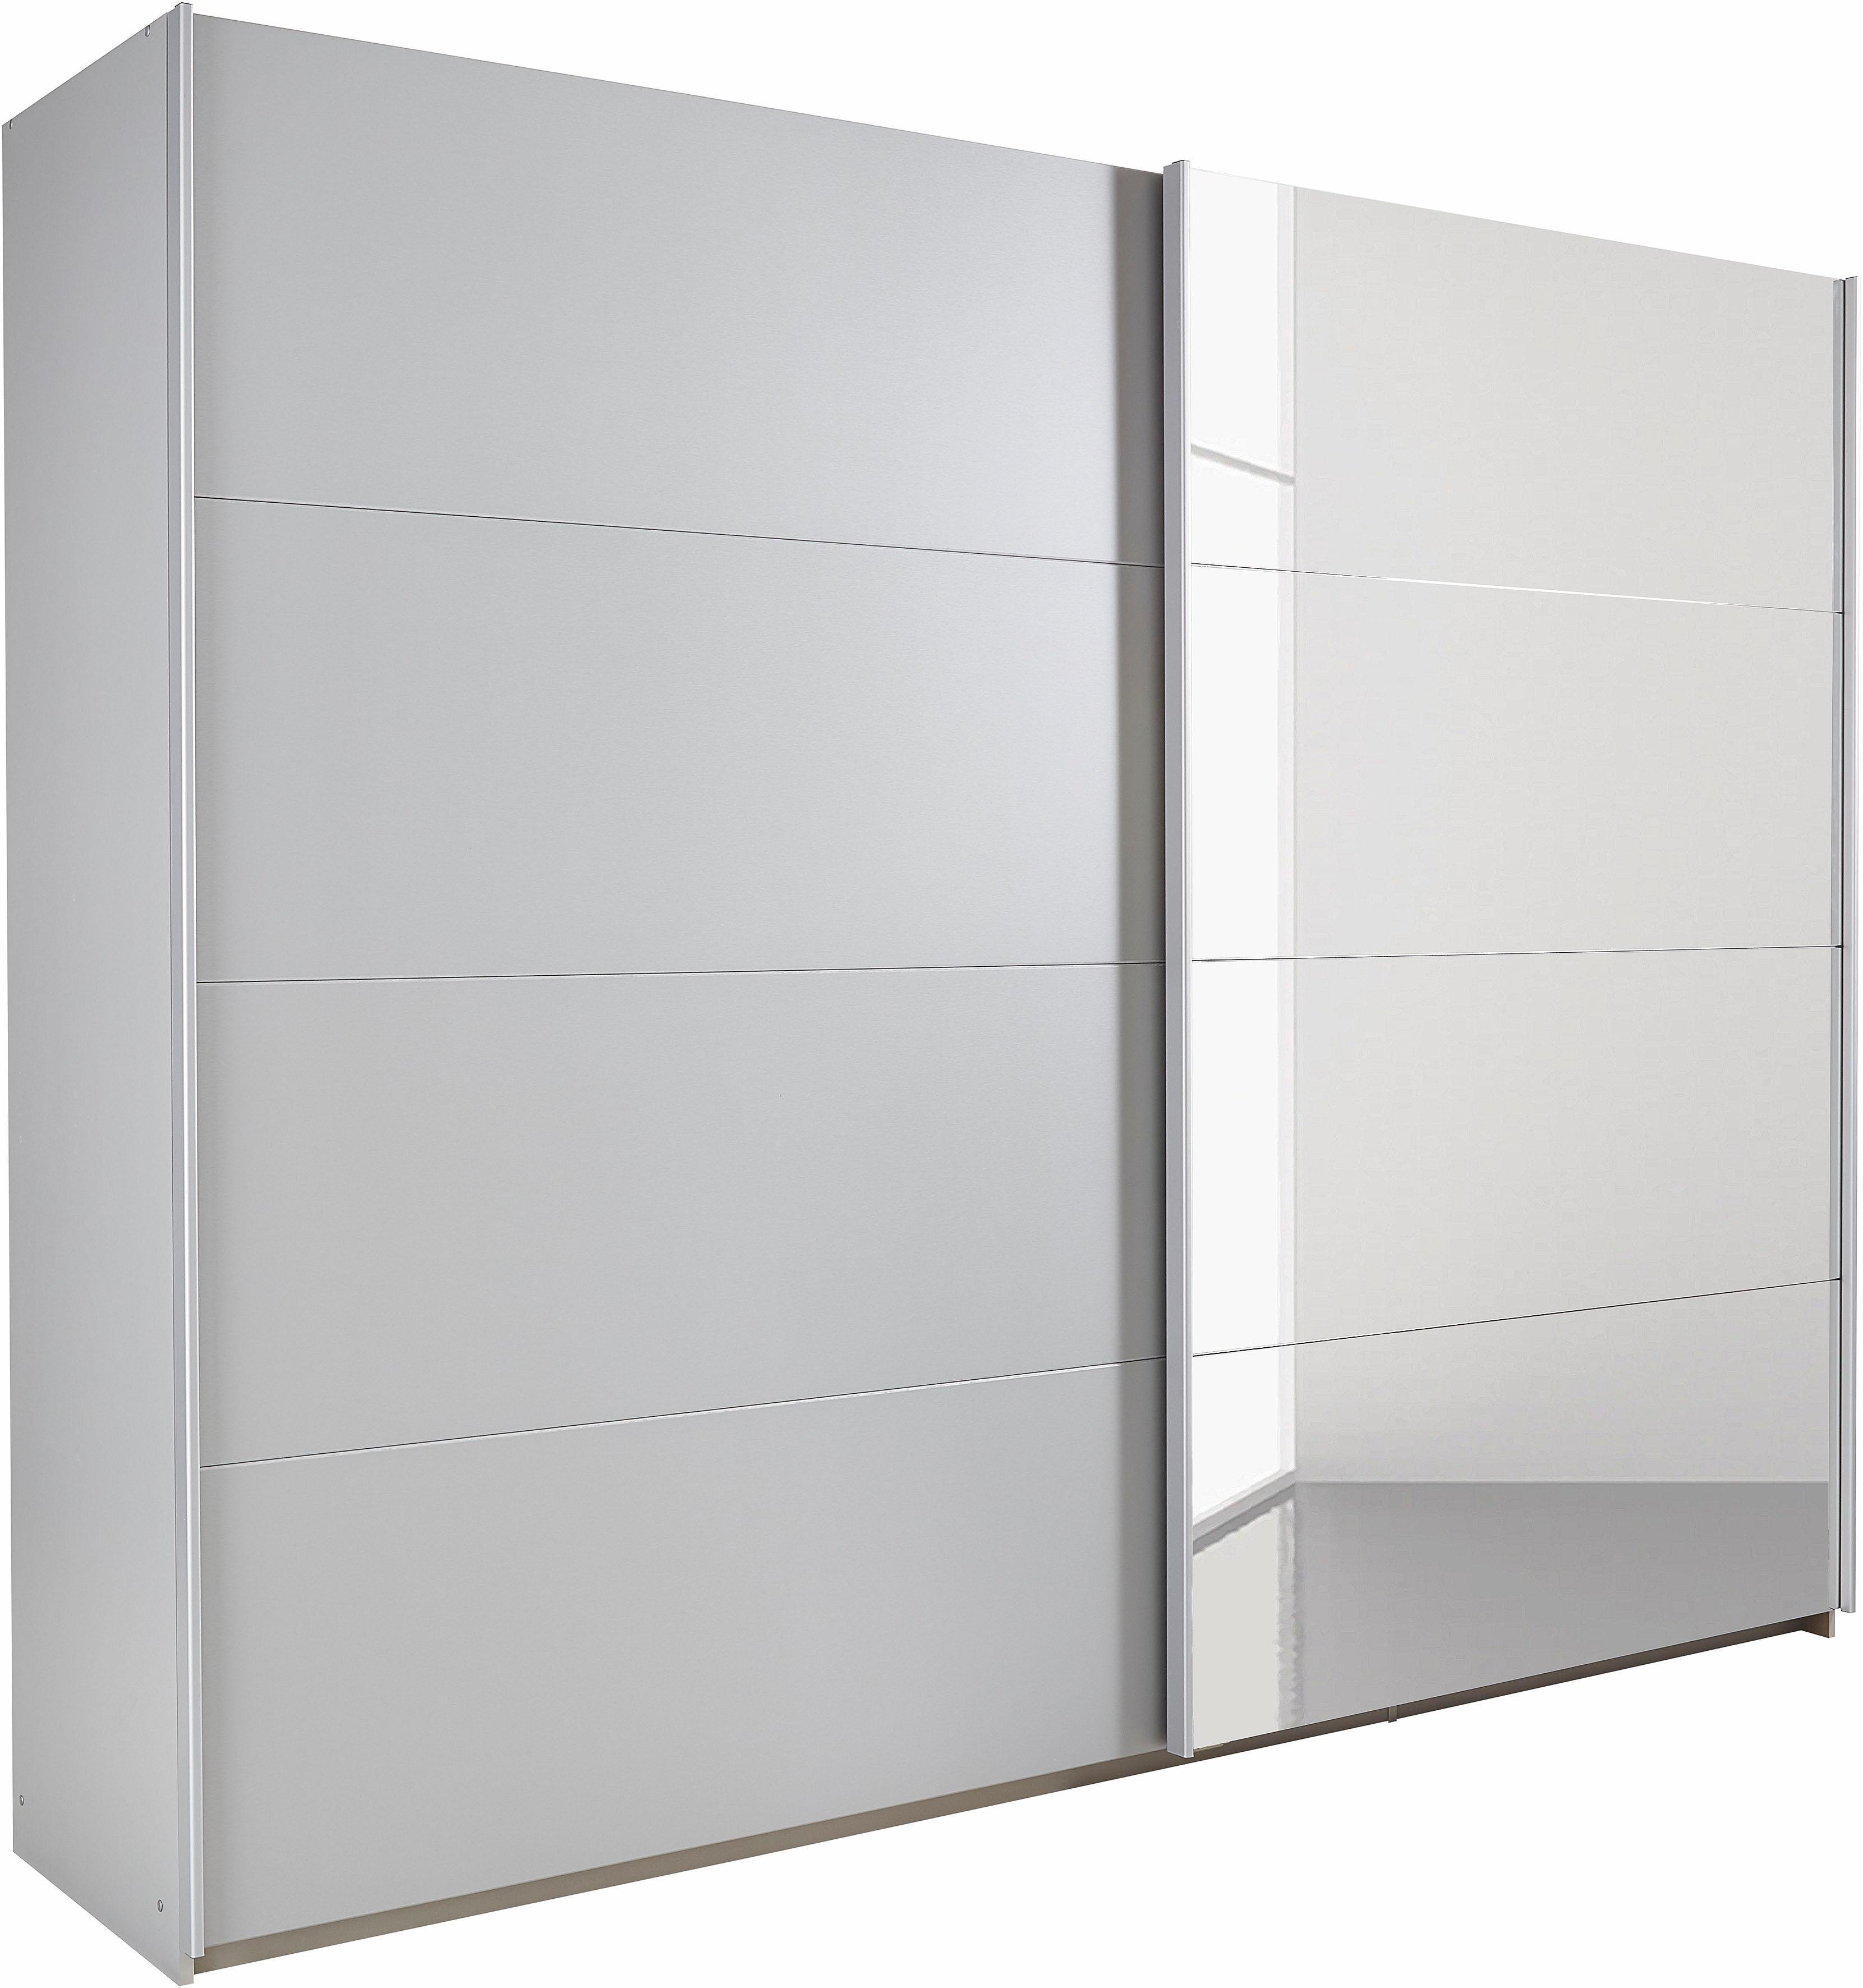 rauch zweefdeurkast met spiegel in de online winkel otto. Black Bedroom Furniture Sets. Home Design Ideas